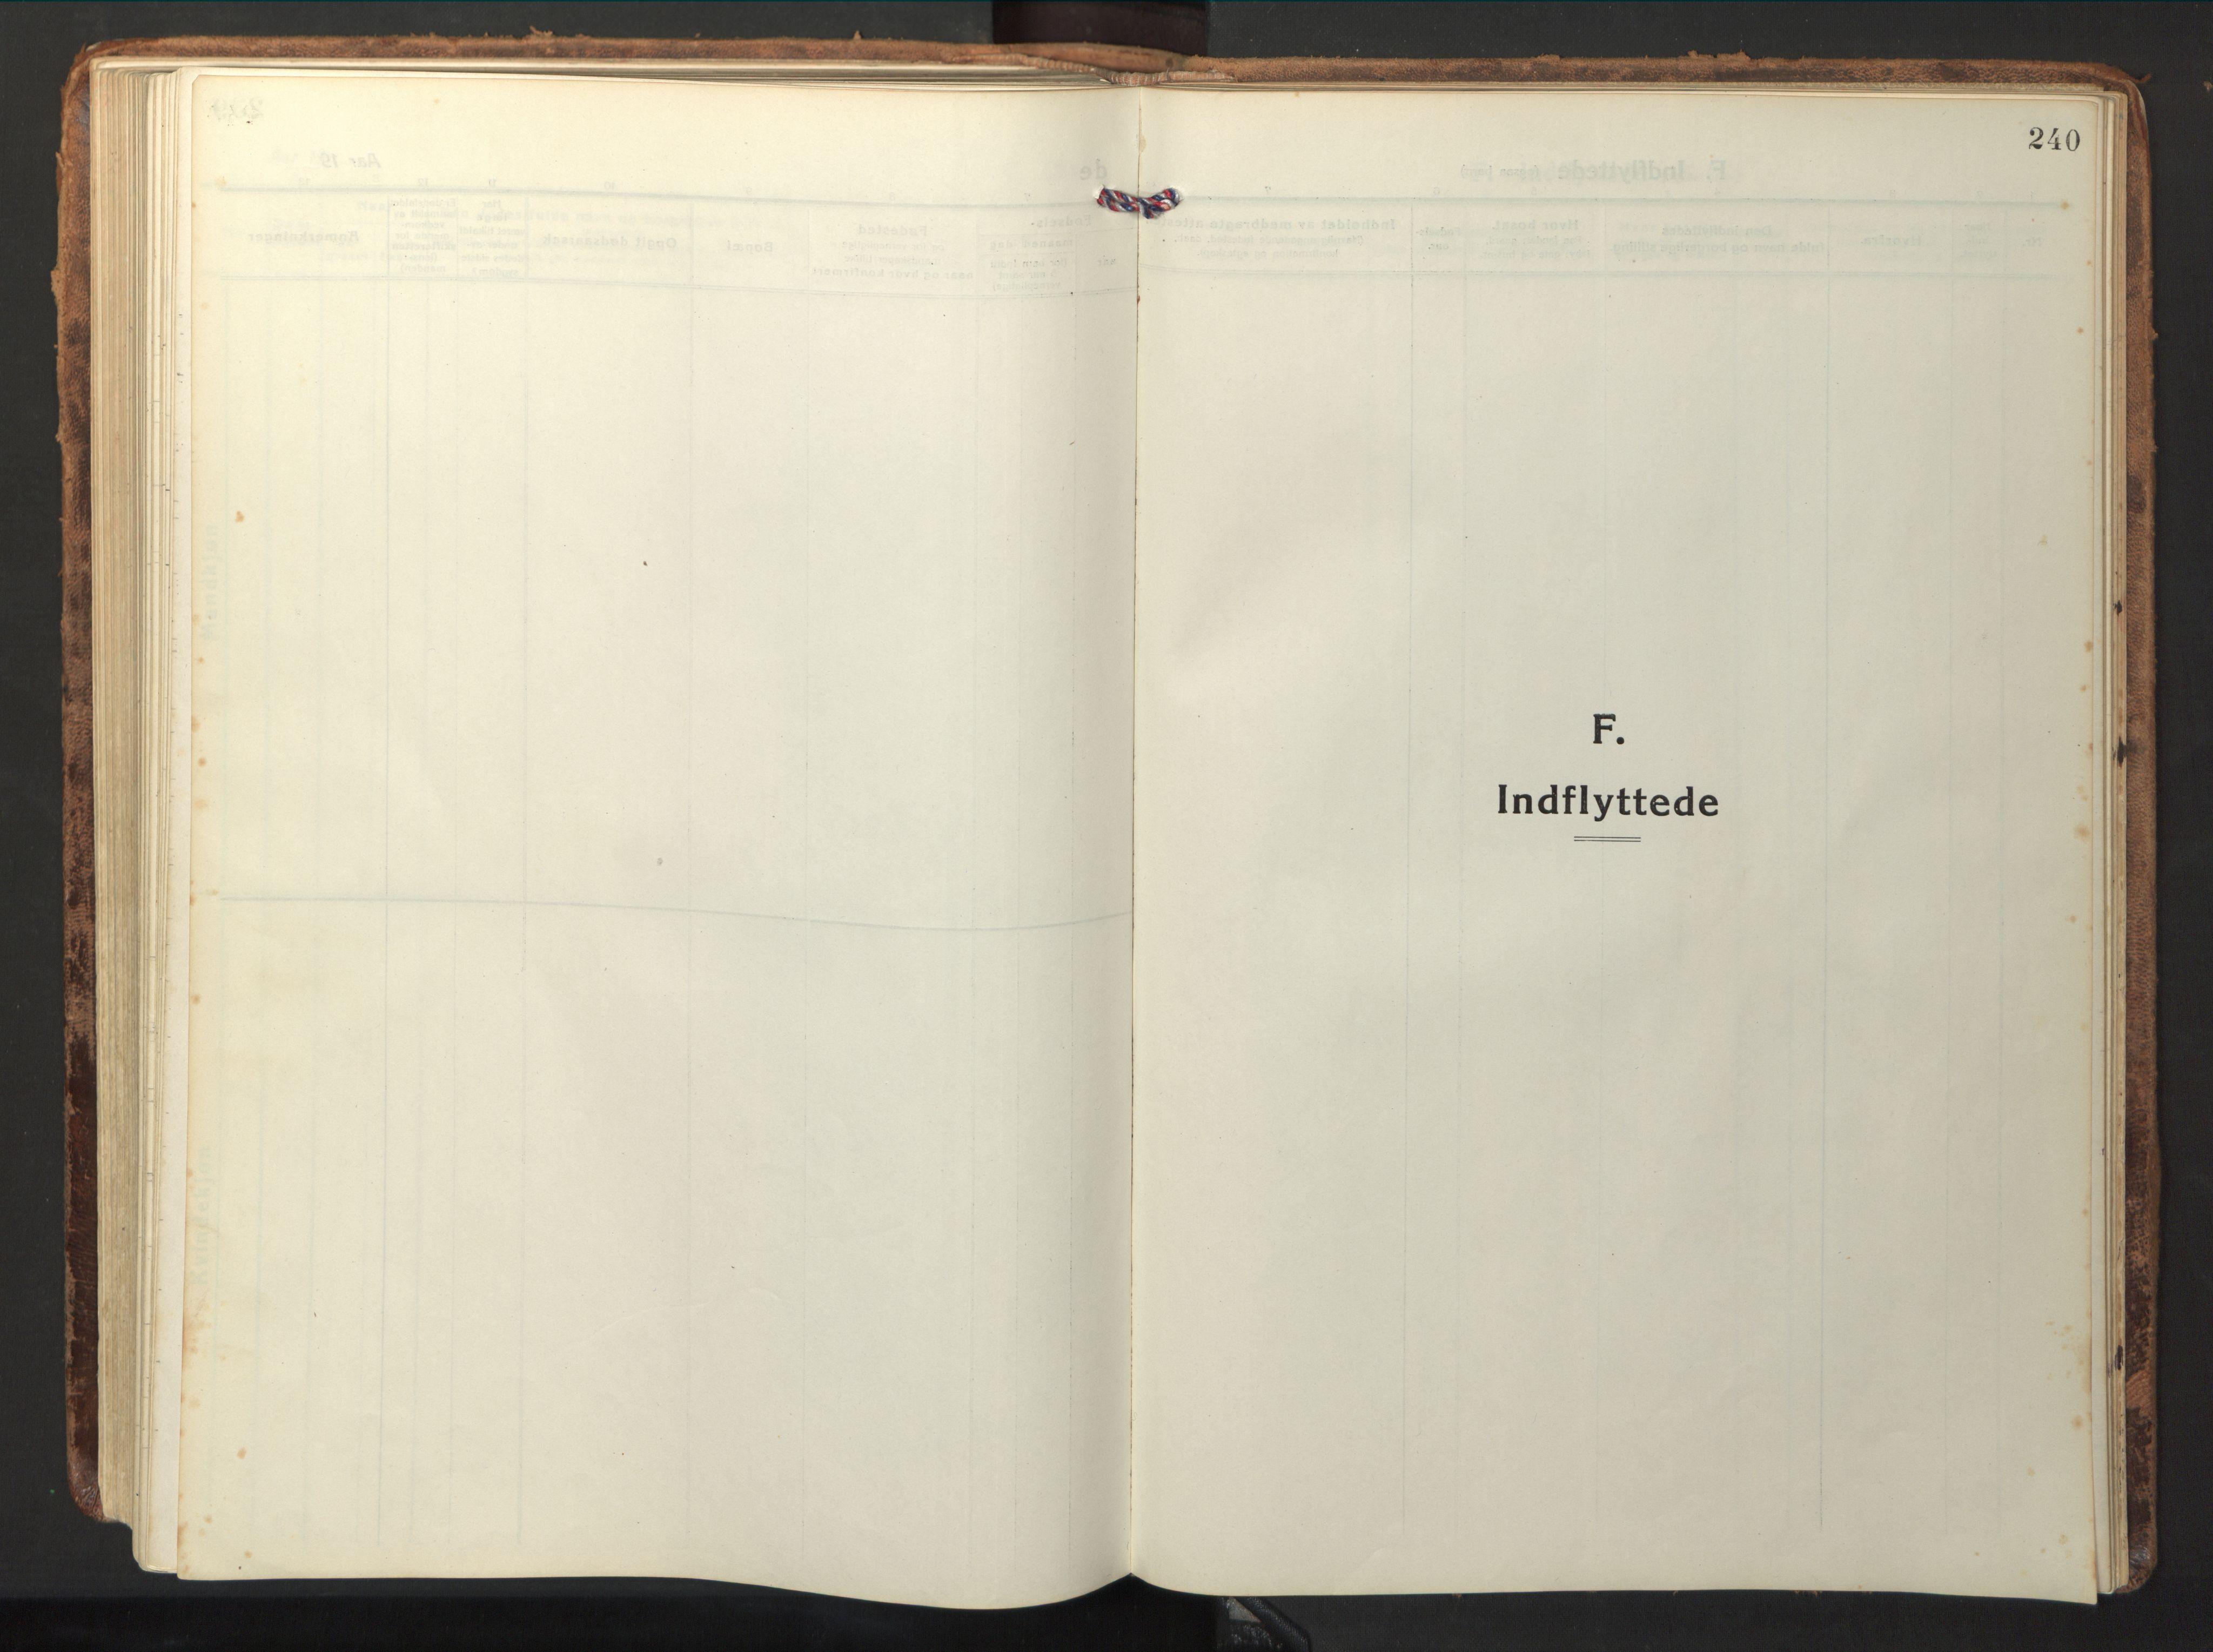 SAT, Ministerialprotokoller, klokkerbøker og fødselsregistre - Nord-Trøndelag, 714/L0136: Klokkerbok nr. 714C05, 1918-1957, s. 240